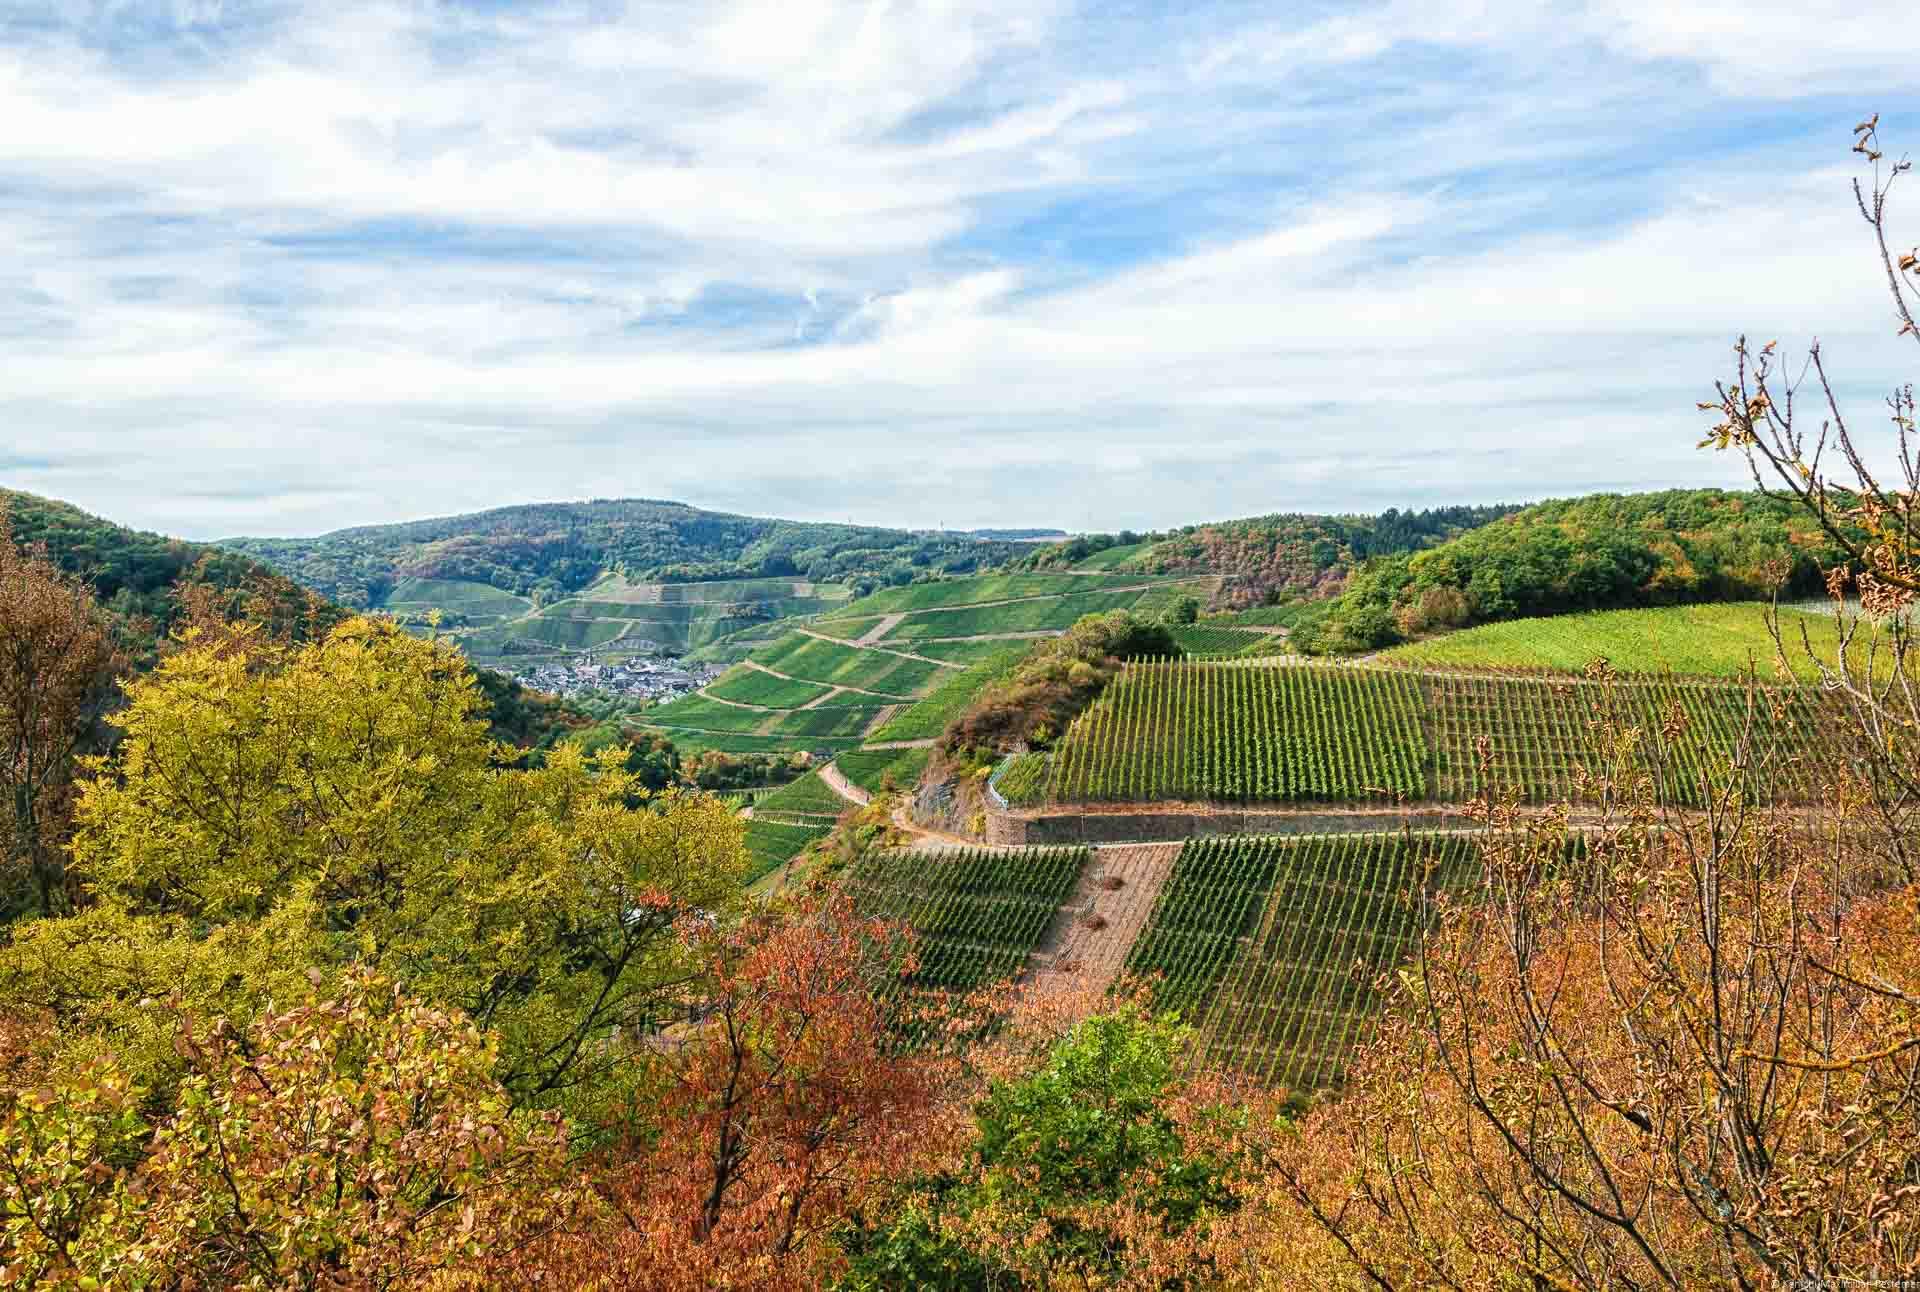 Wald vorne, Herbst, Weinberg Marienthaler Rosenberg